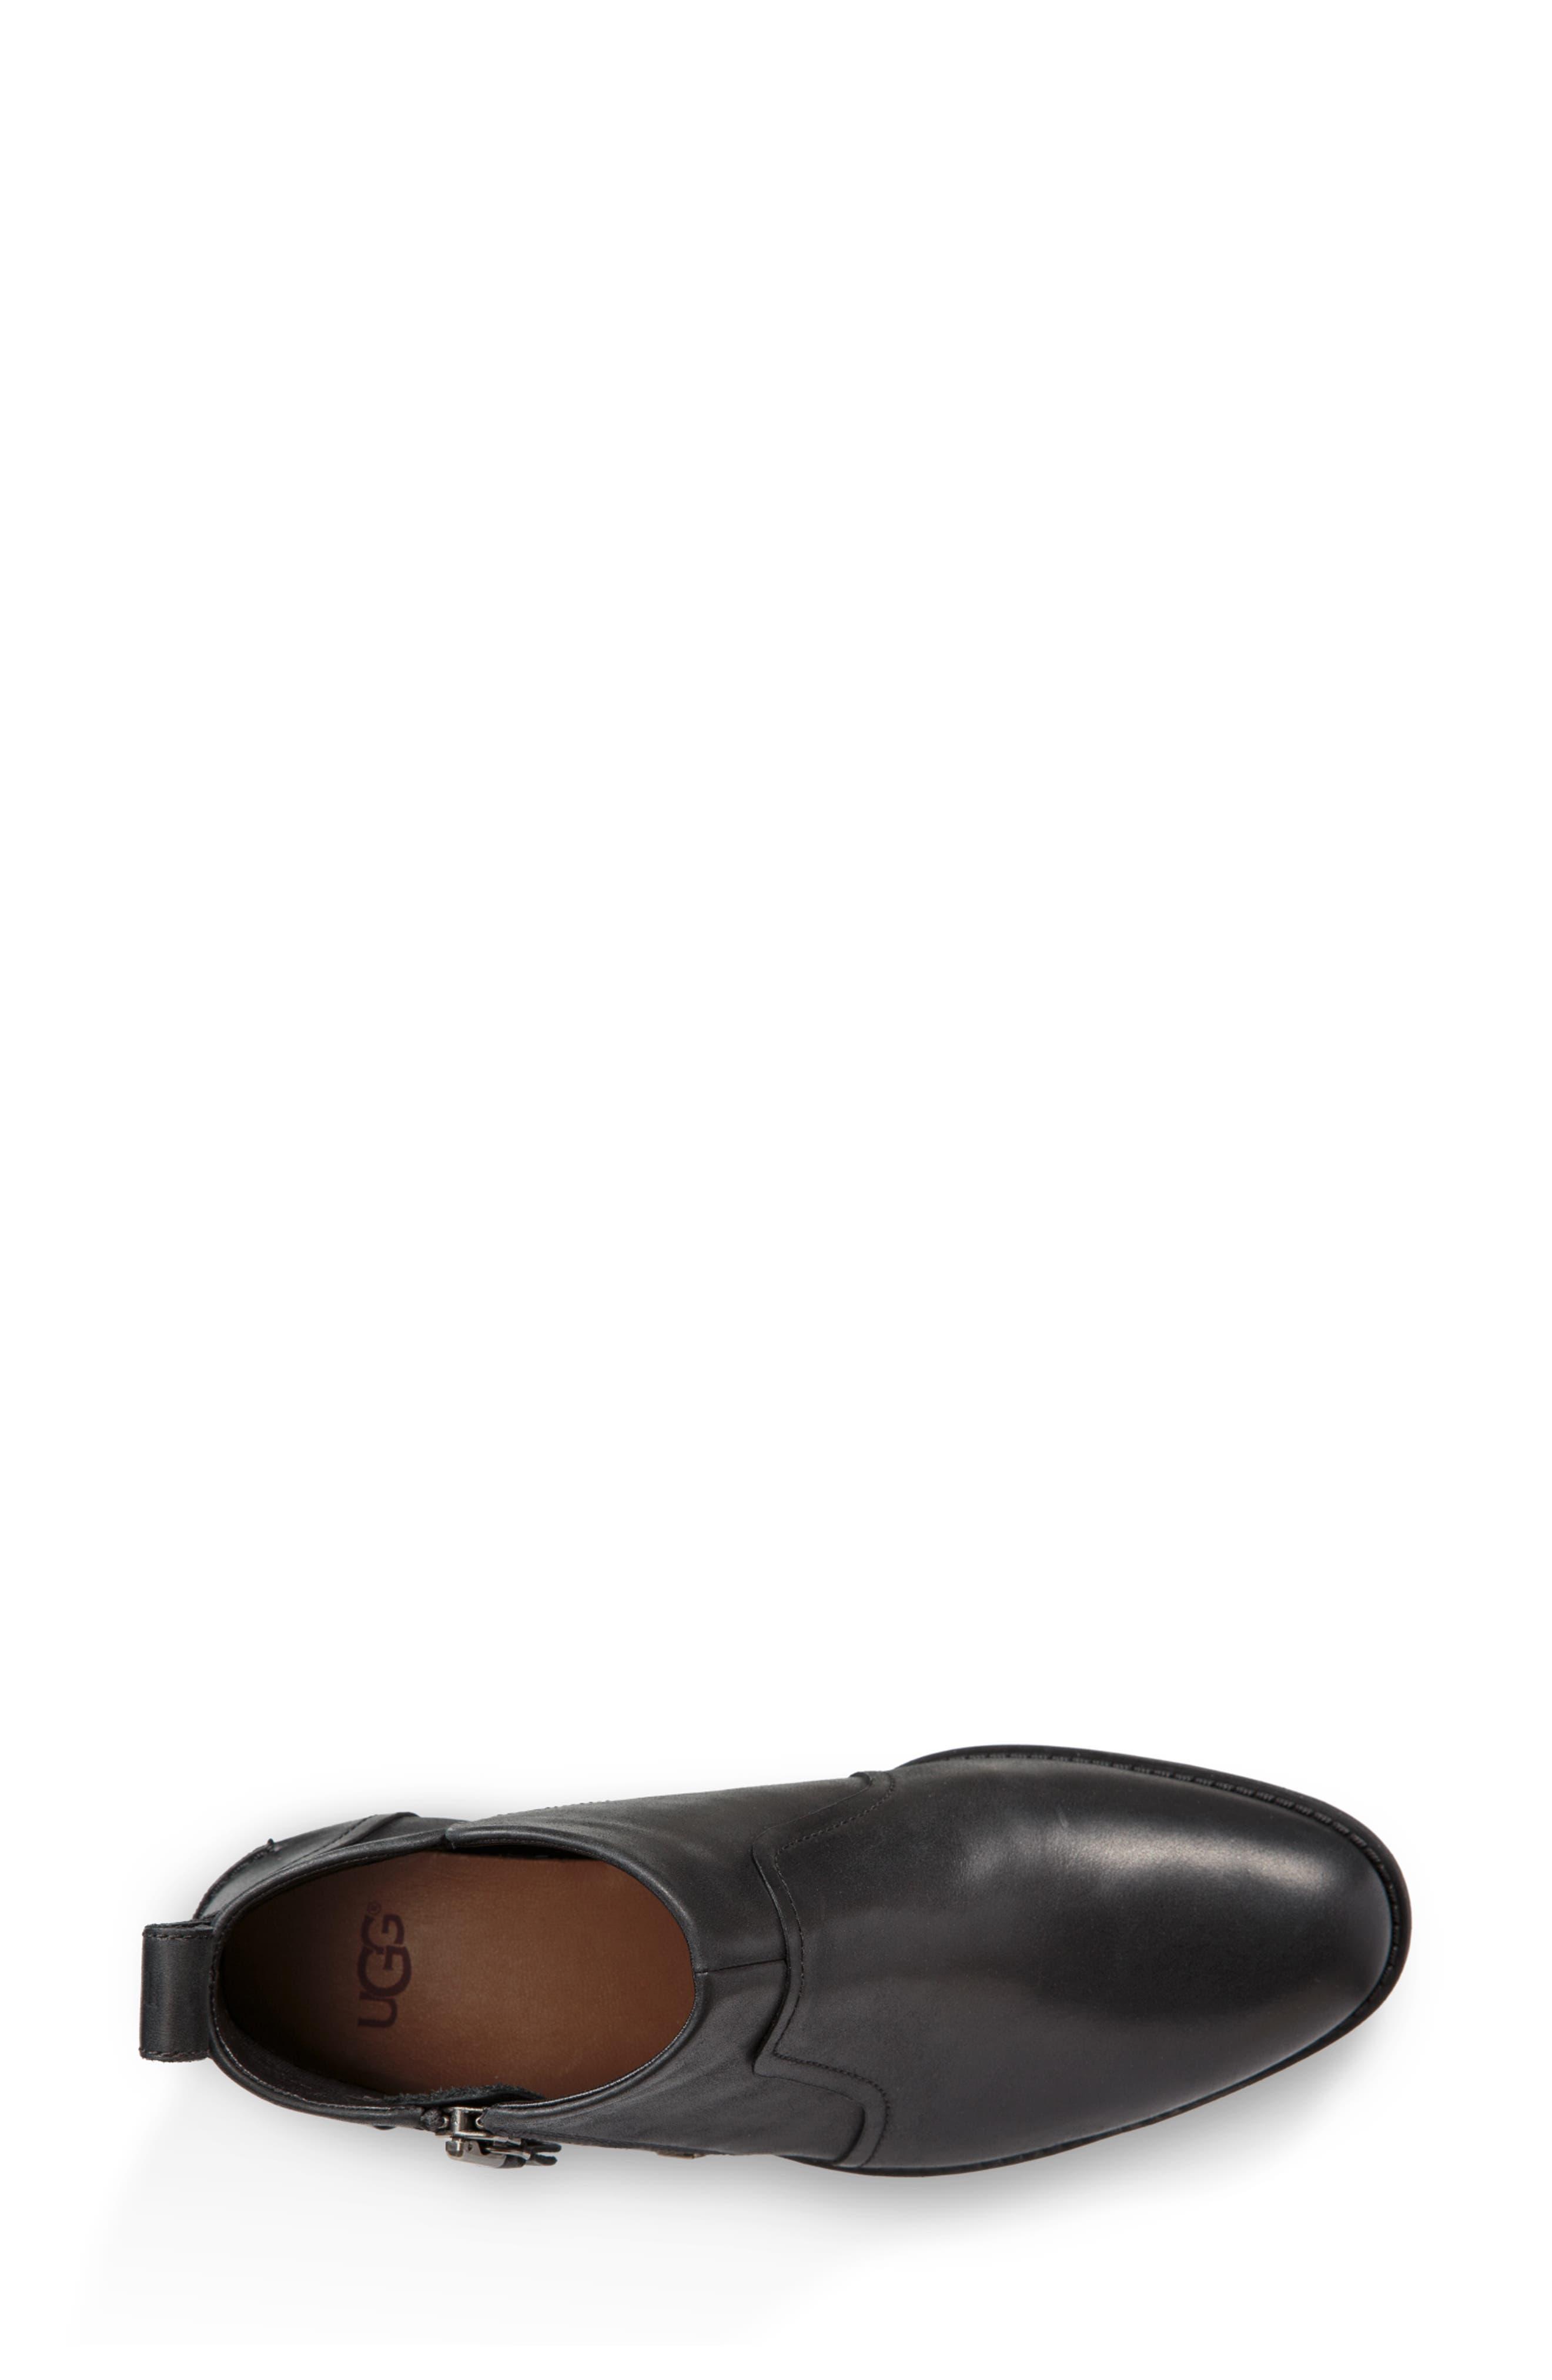 Aureo Bootie,                             Alternate thumbnail 4, color,                             BLACK/ BLACK LEATHER